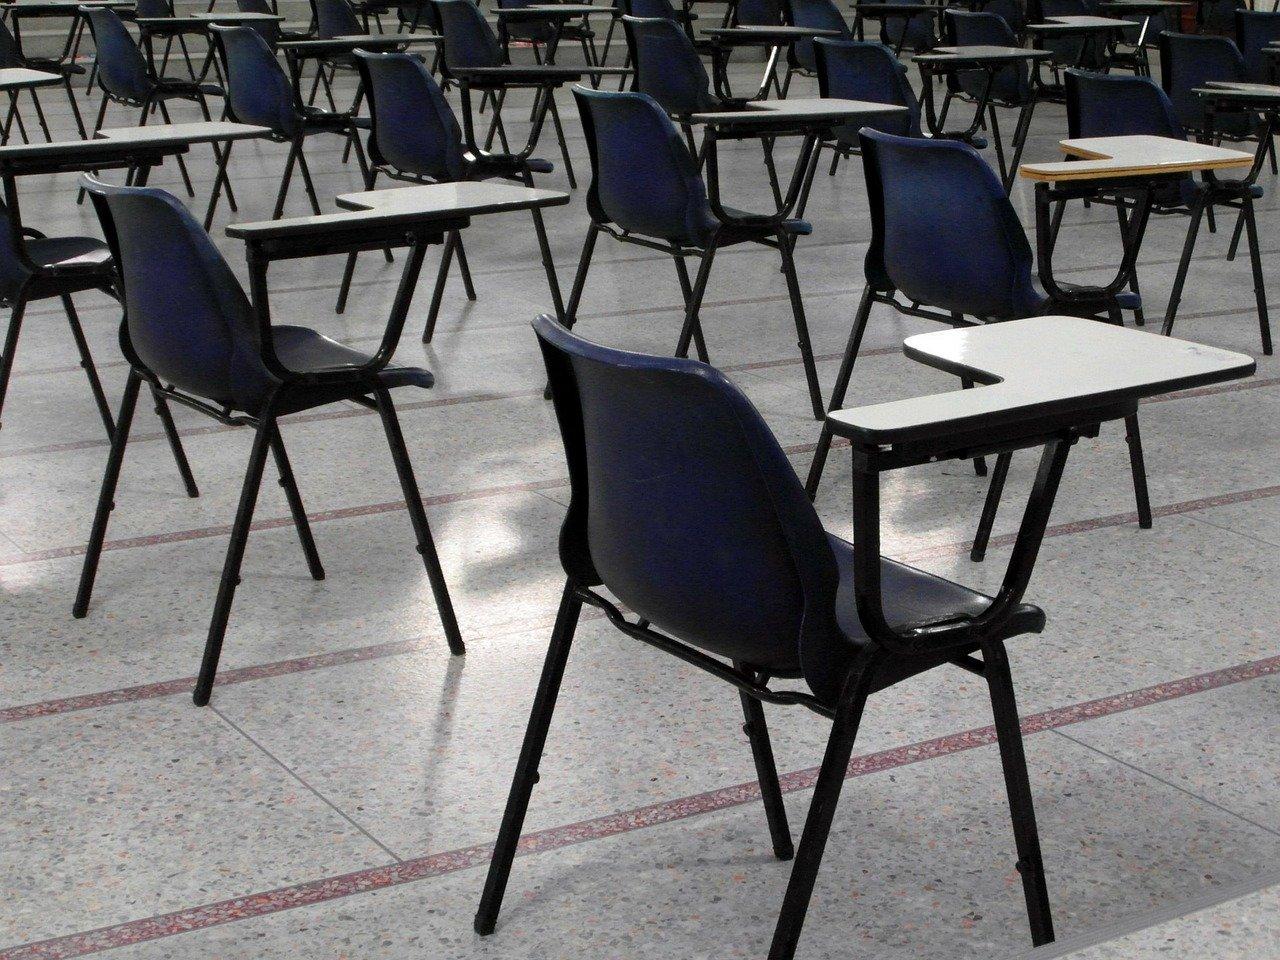 高校入試の英文読解、どのくらいの速さで読めれば合格?WPMを測定してみよう